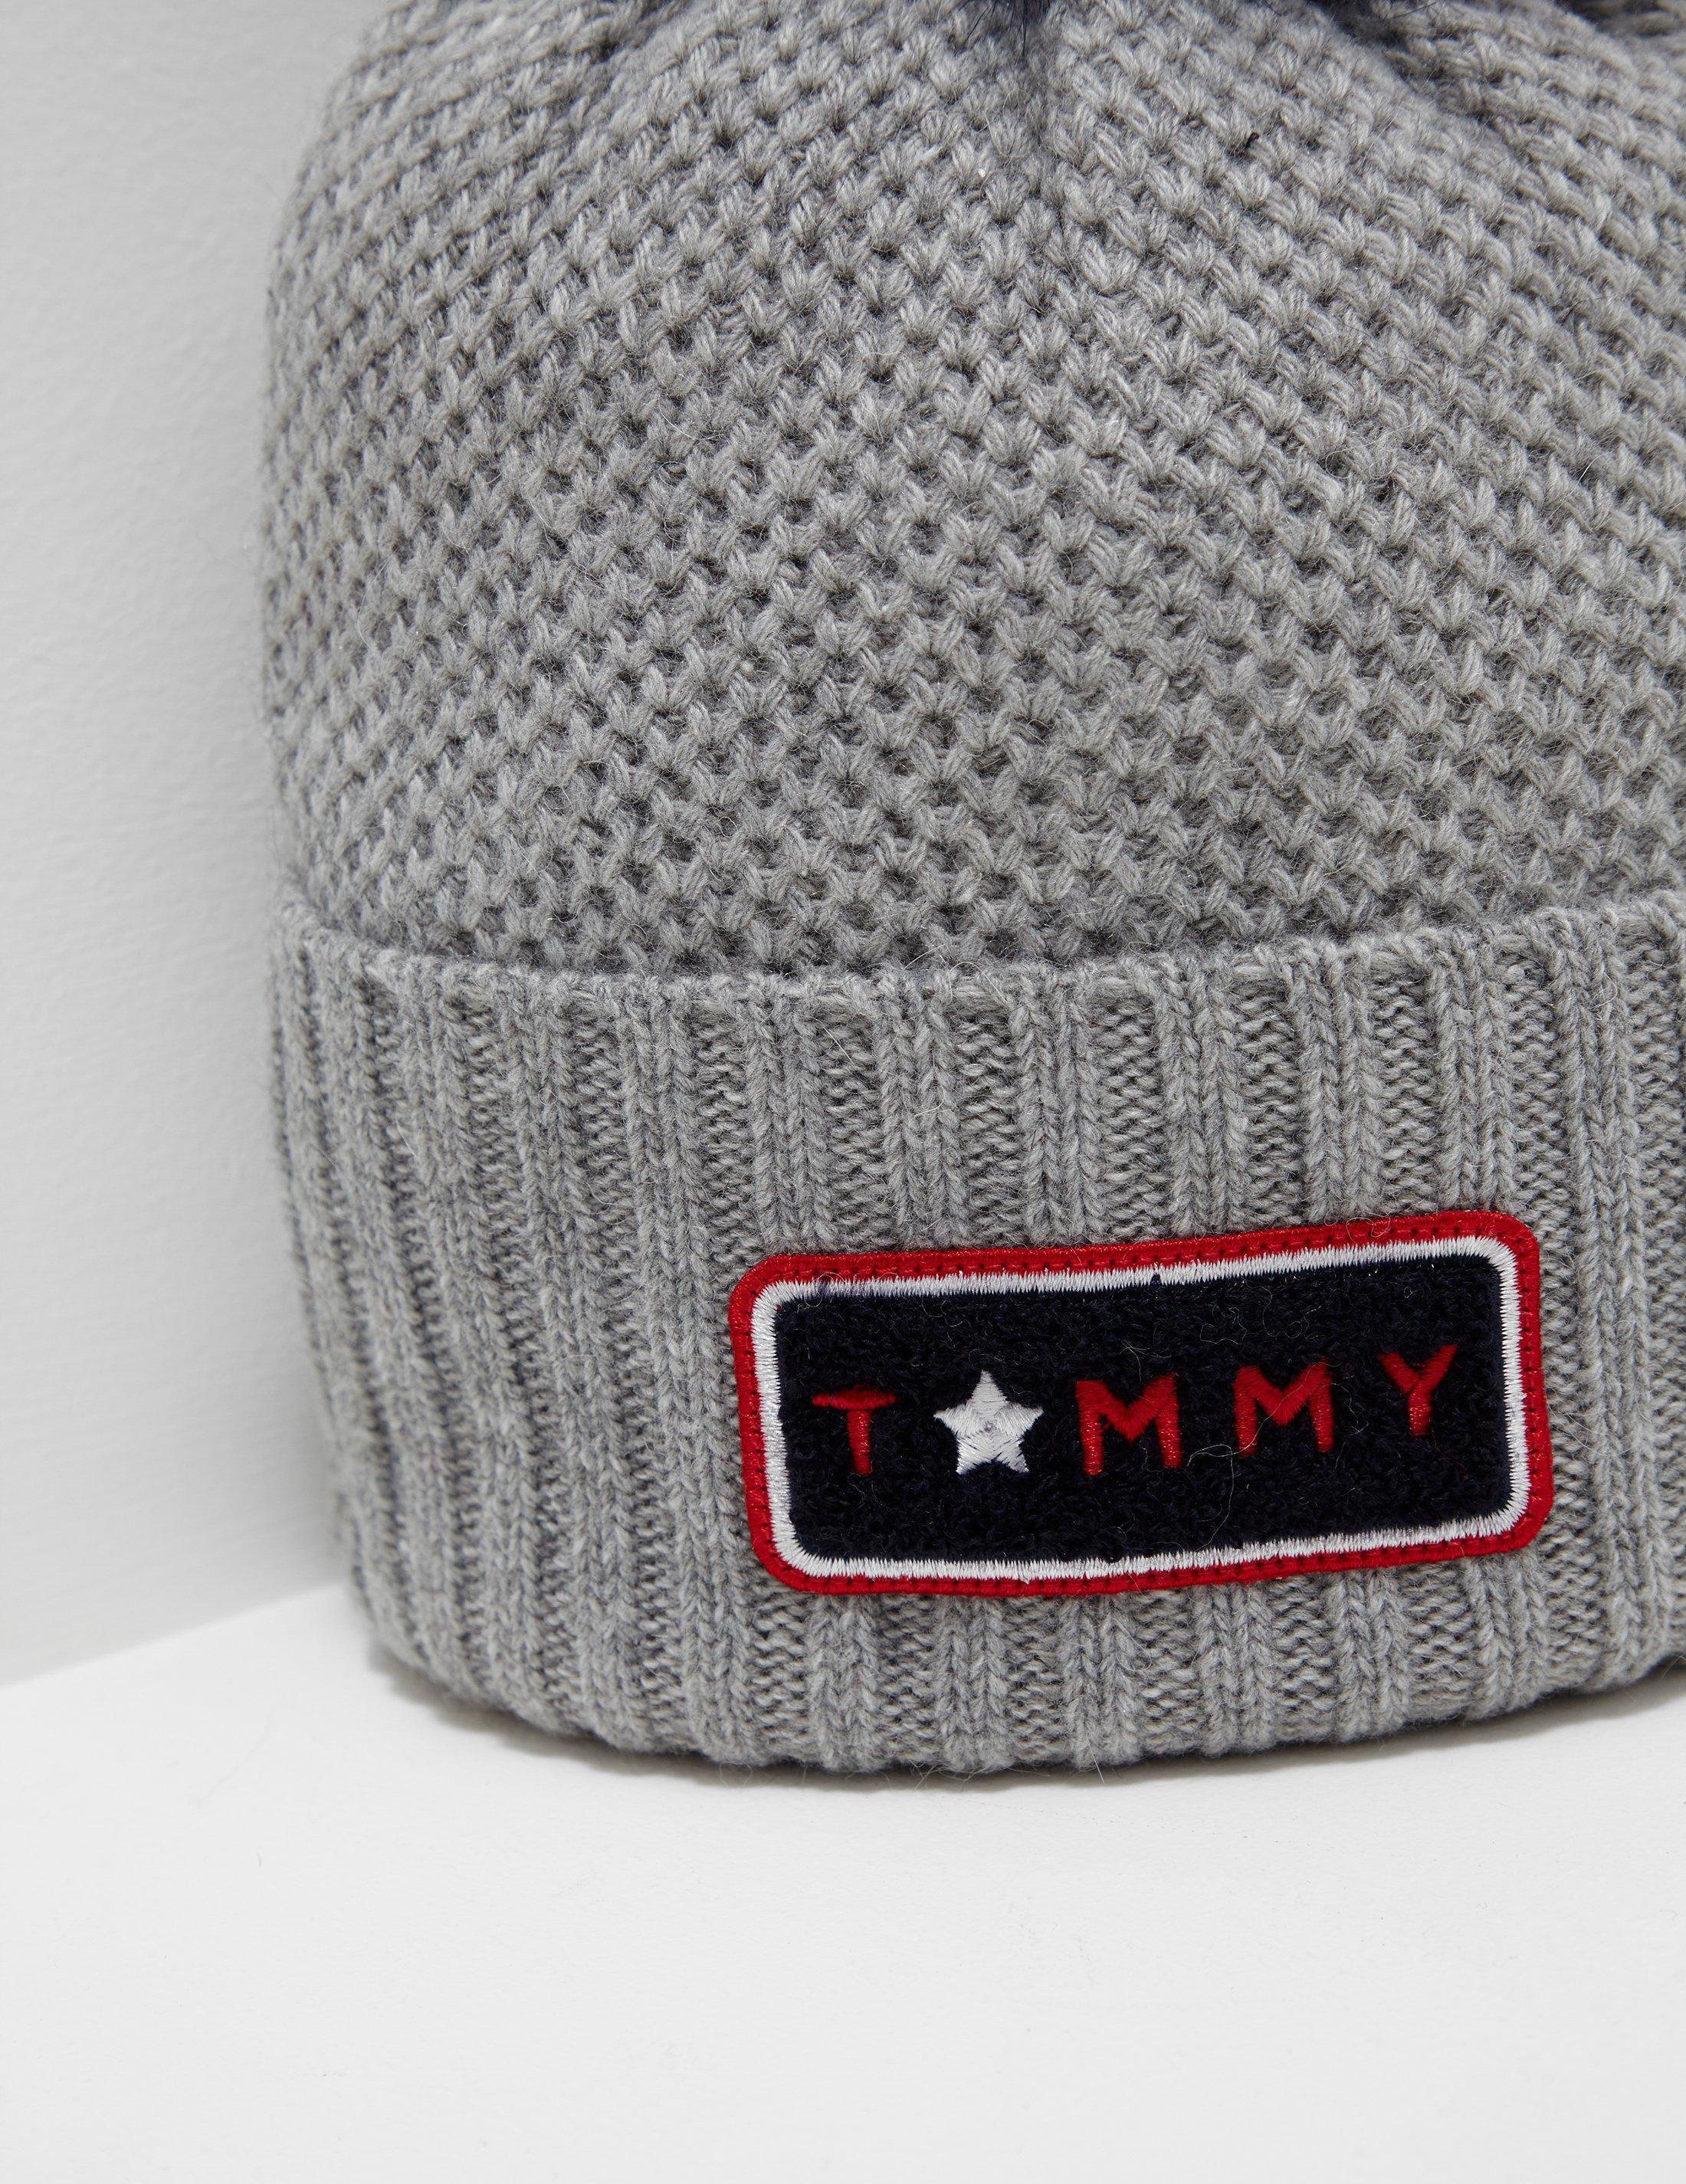 6d5ab9a9d Tommy Hilfiger Womens Fur Pom Beanie Grey/blue, Grey/blue in Gray - Lyst